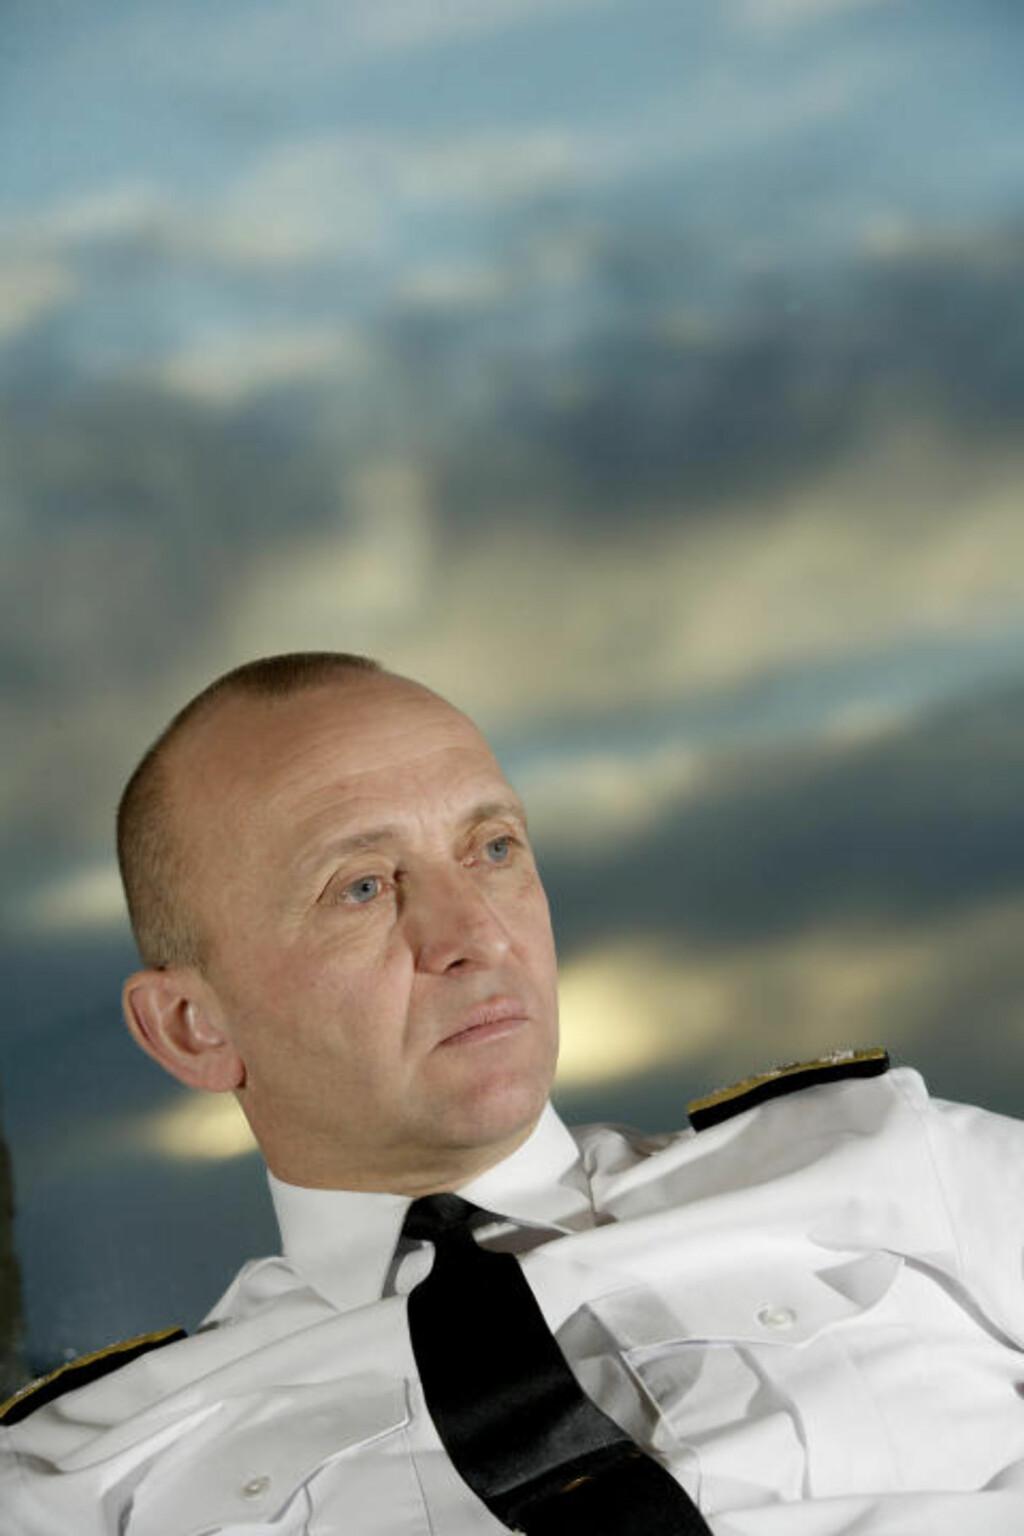 VURDERER STANS: Stabssjefen i Forsvaret, viseadmiral Jan Erik Finseth, vurderer nå stans i bruken av blyfriammunisjon, og gjeninnføring av kuler med bly. Foto: Forsvaret'